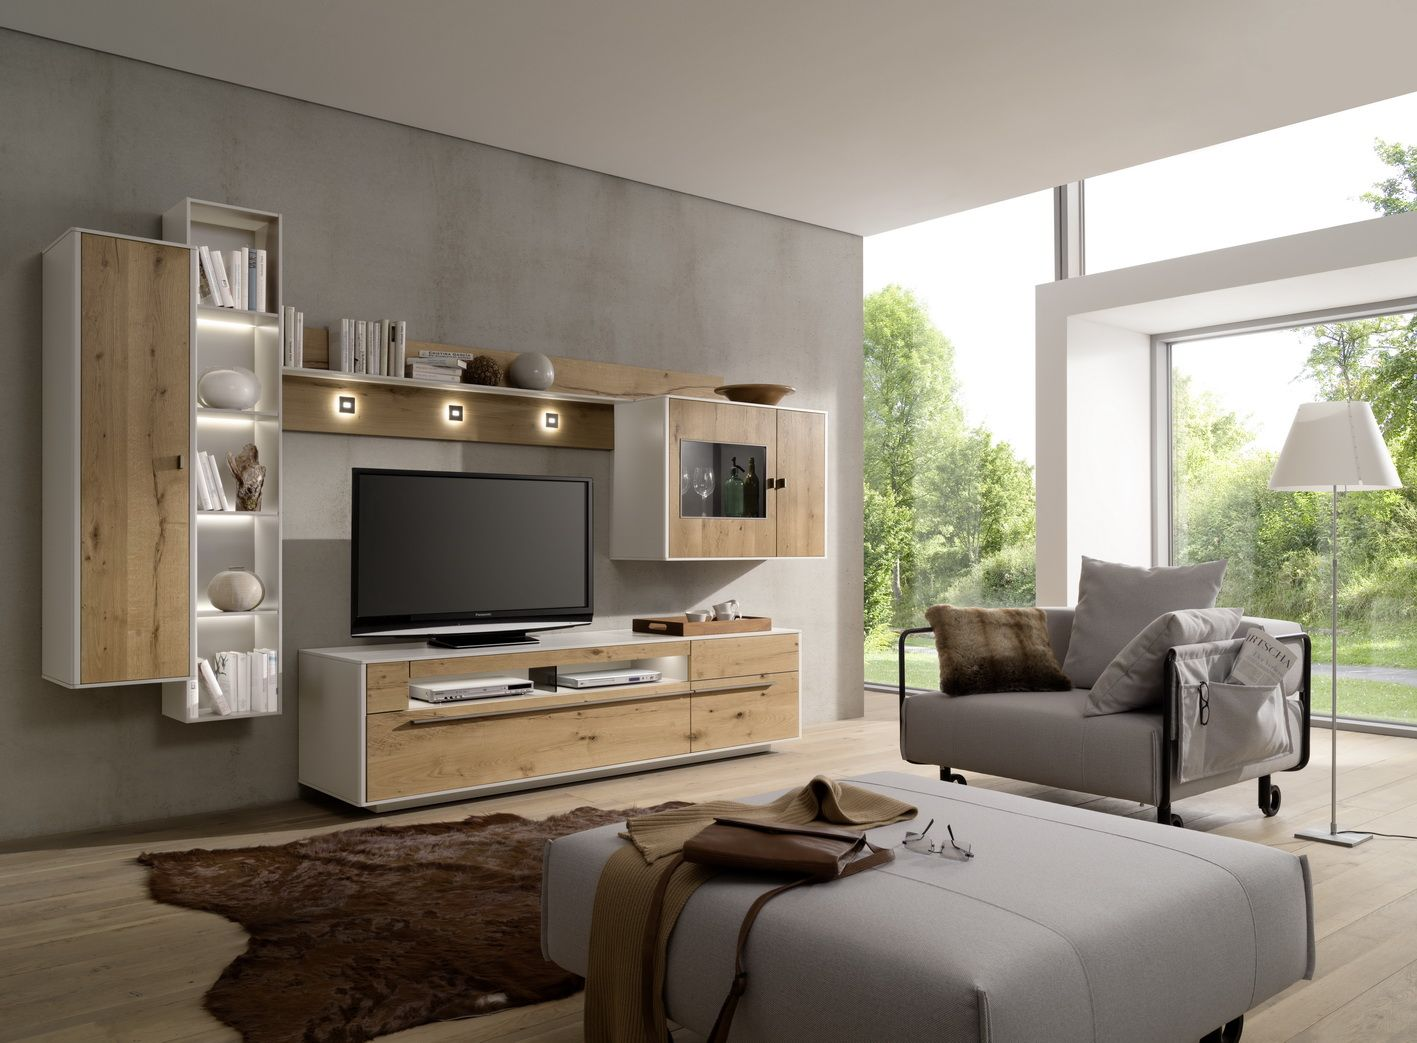 Design Wohnzimmermöbel ~ Möbel madeingermany furniture gwinner wohndesign design